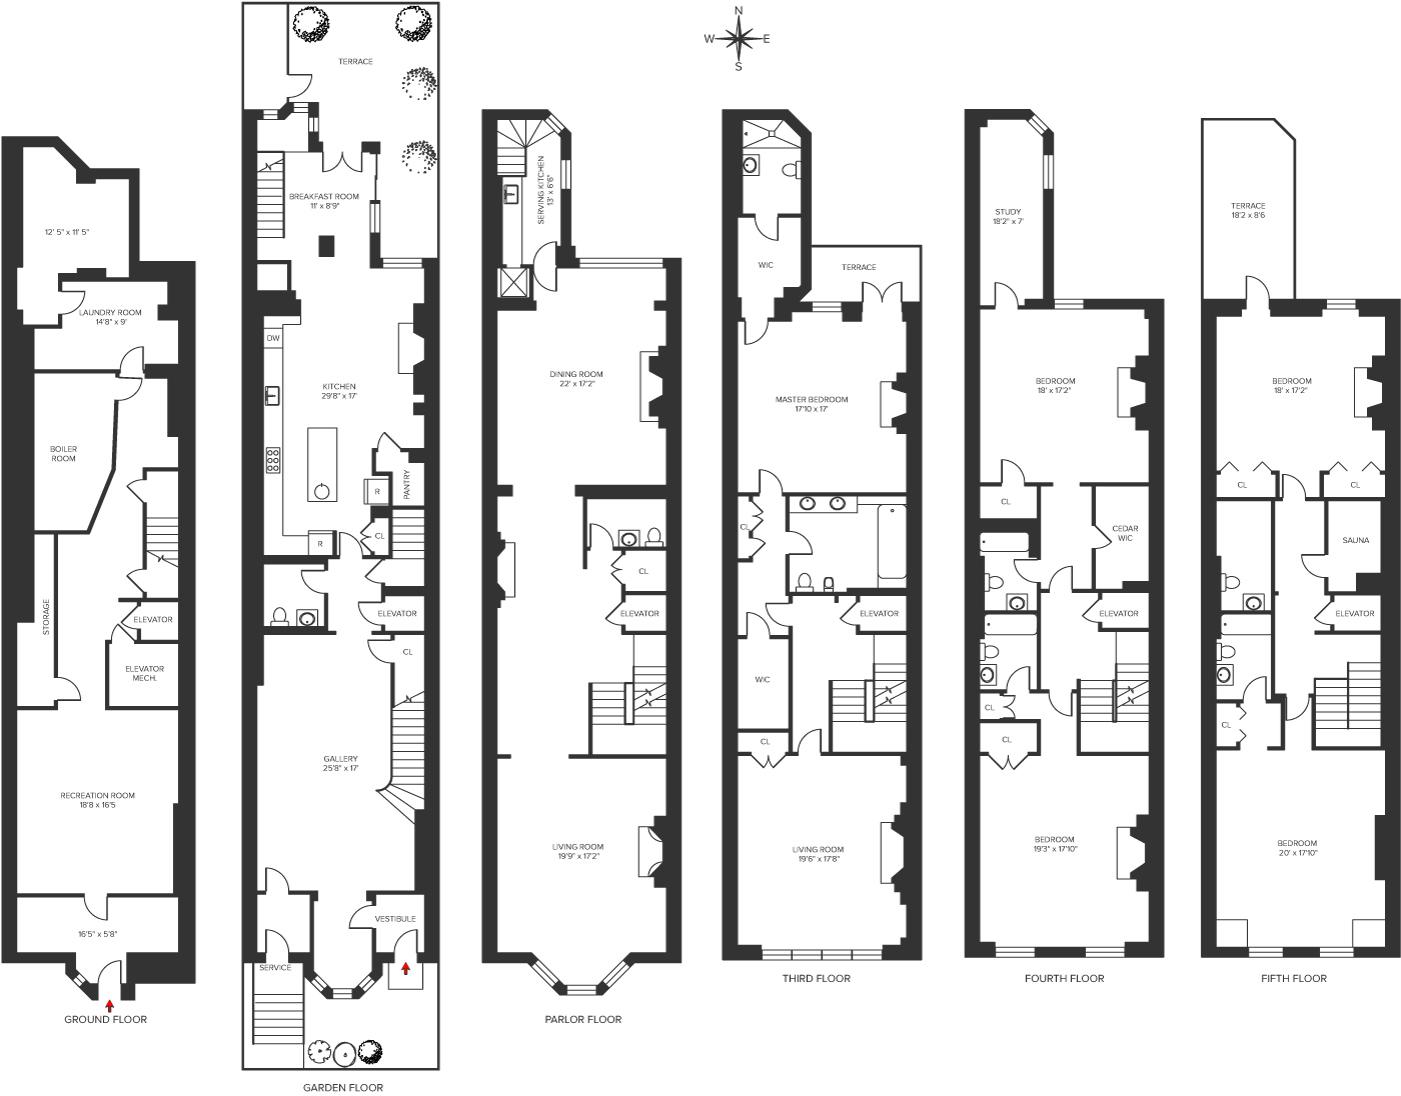 13 East 71st Street Floorplan